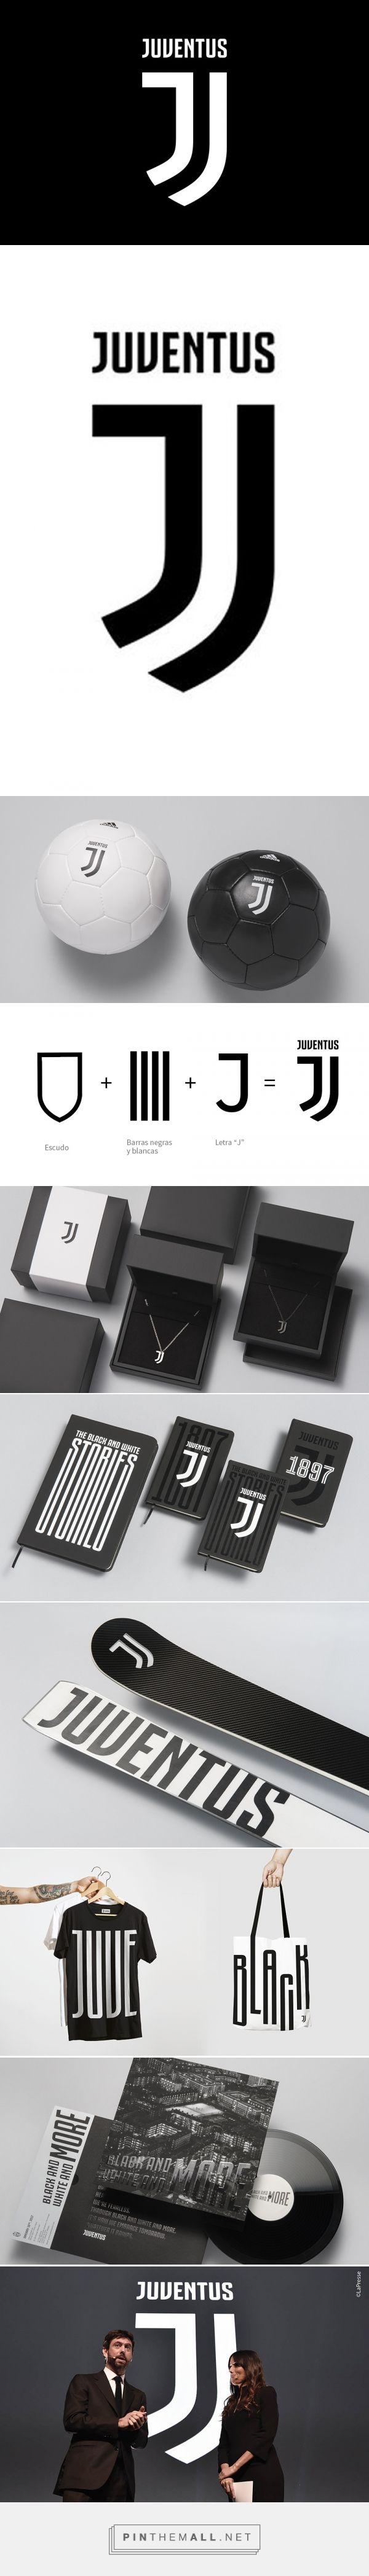 La Juventus lo ha clavado con su nuevo logo, y éstas son las razones | Brandemia_... - a grouped images picture - Pin Them All